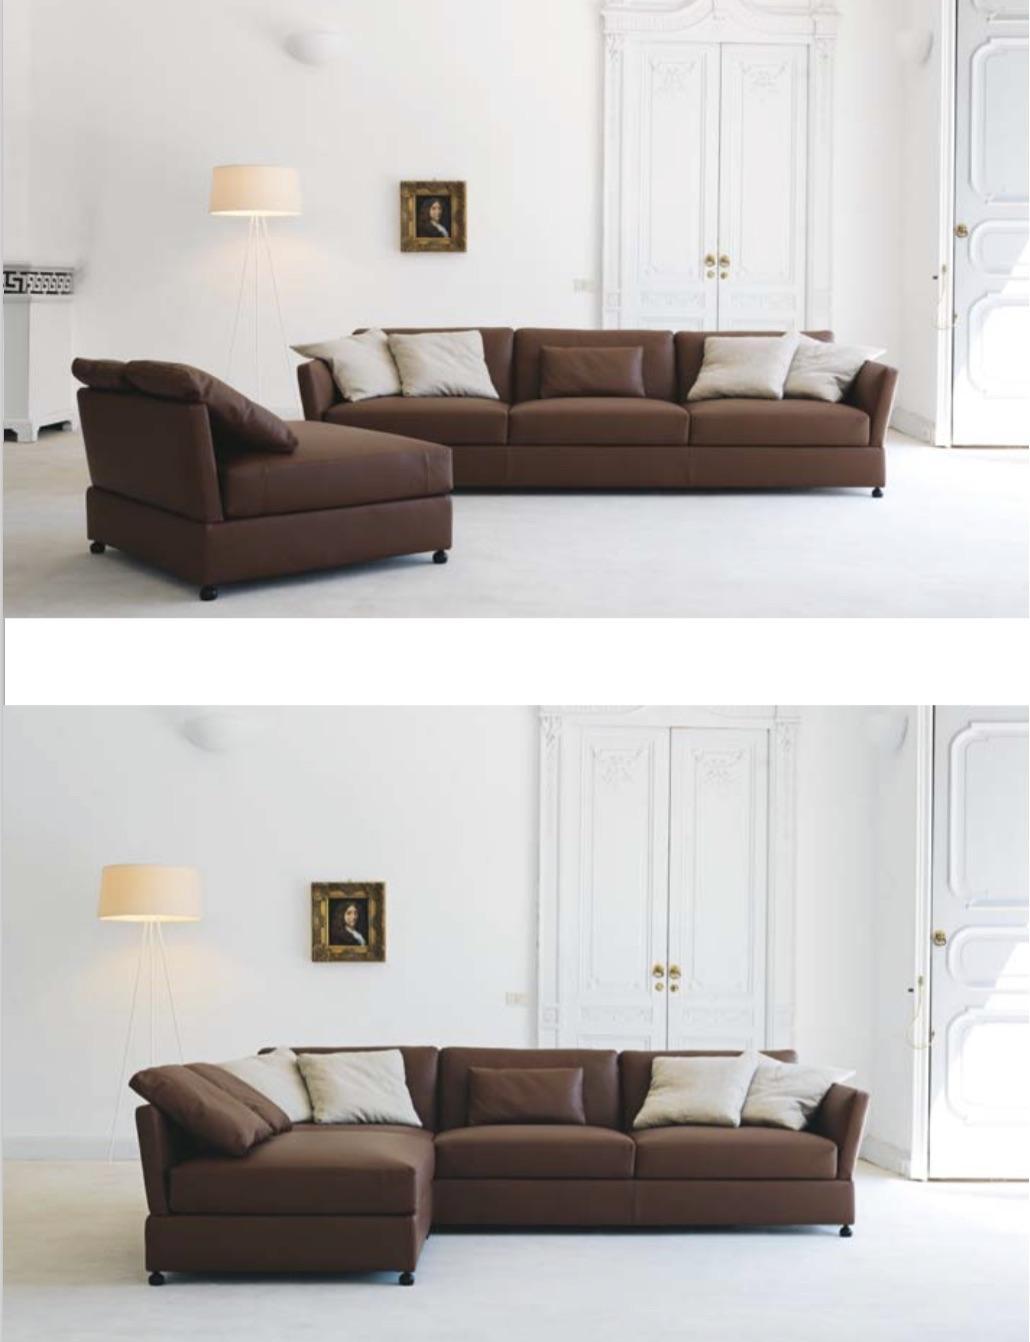 Sectional Sofas | Italian Sofas | Modern Sofas – Momentoitalia Regarding Modern Sofas (Image 20 of 20)